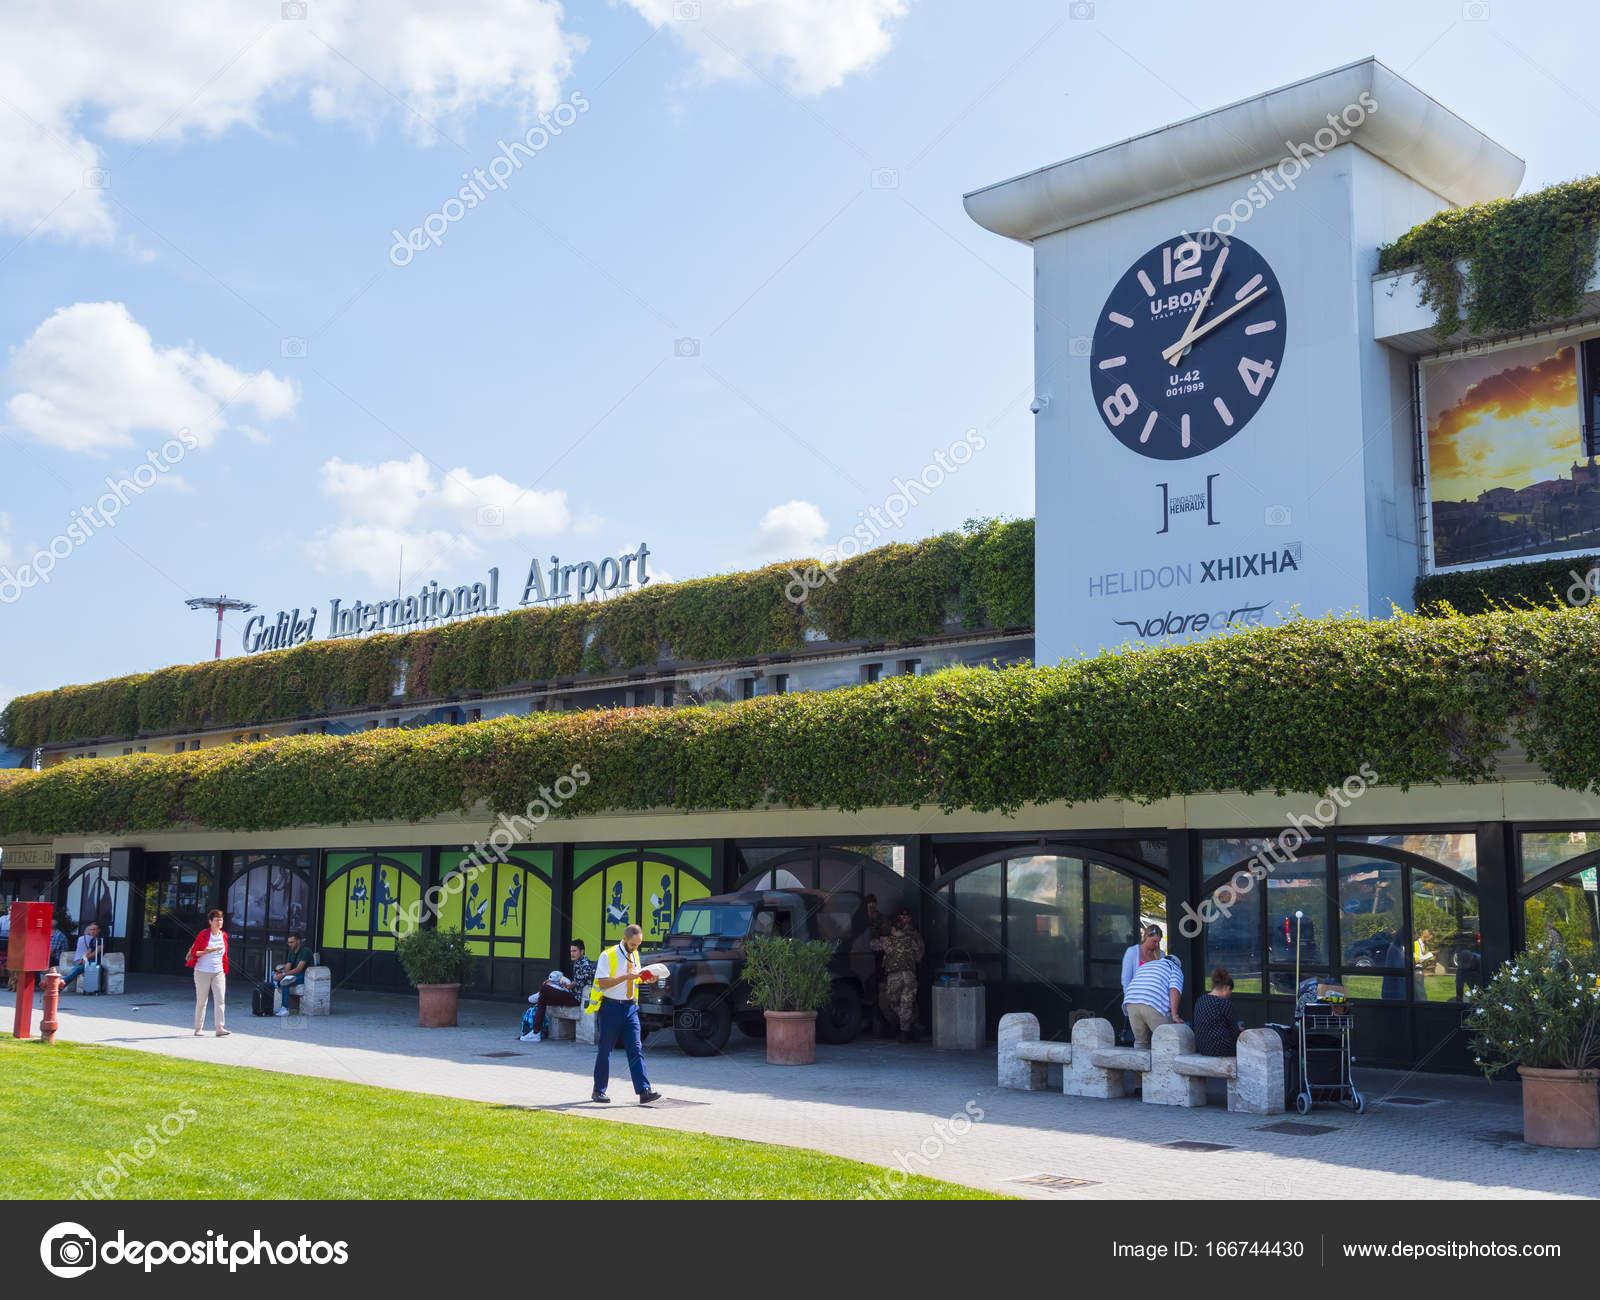 Aeroporto Pisa : Aeroporto internazionale galileo di pisa pisa italia